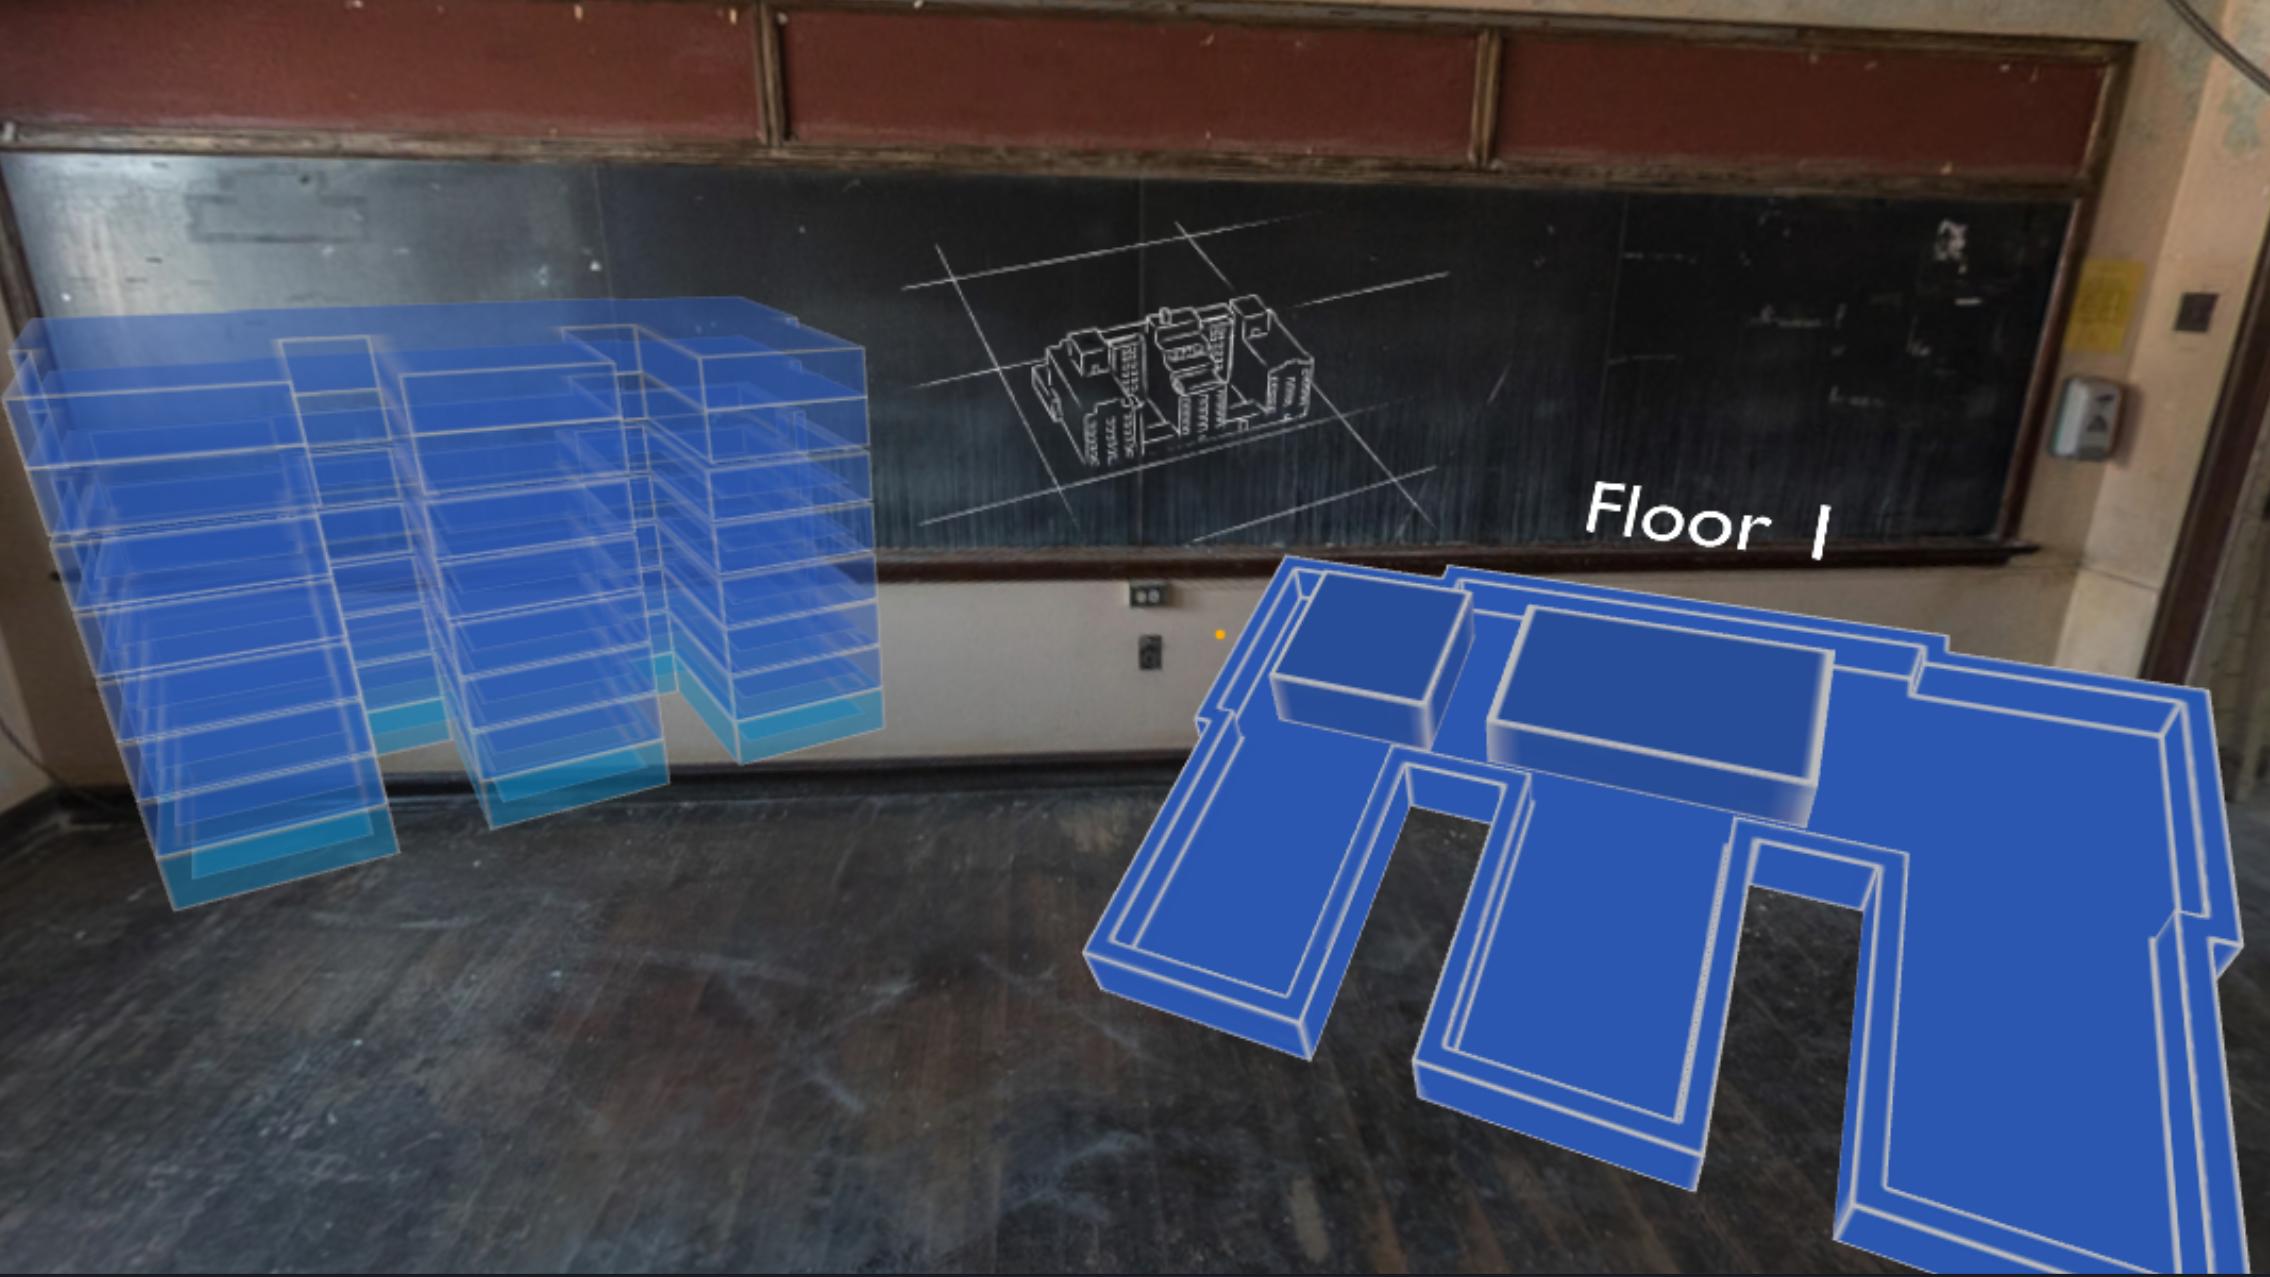 Building Tour VR